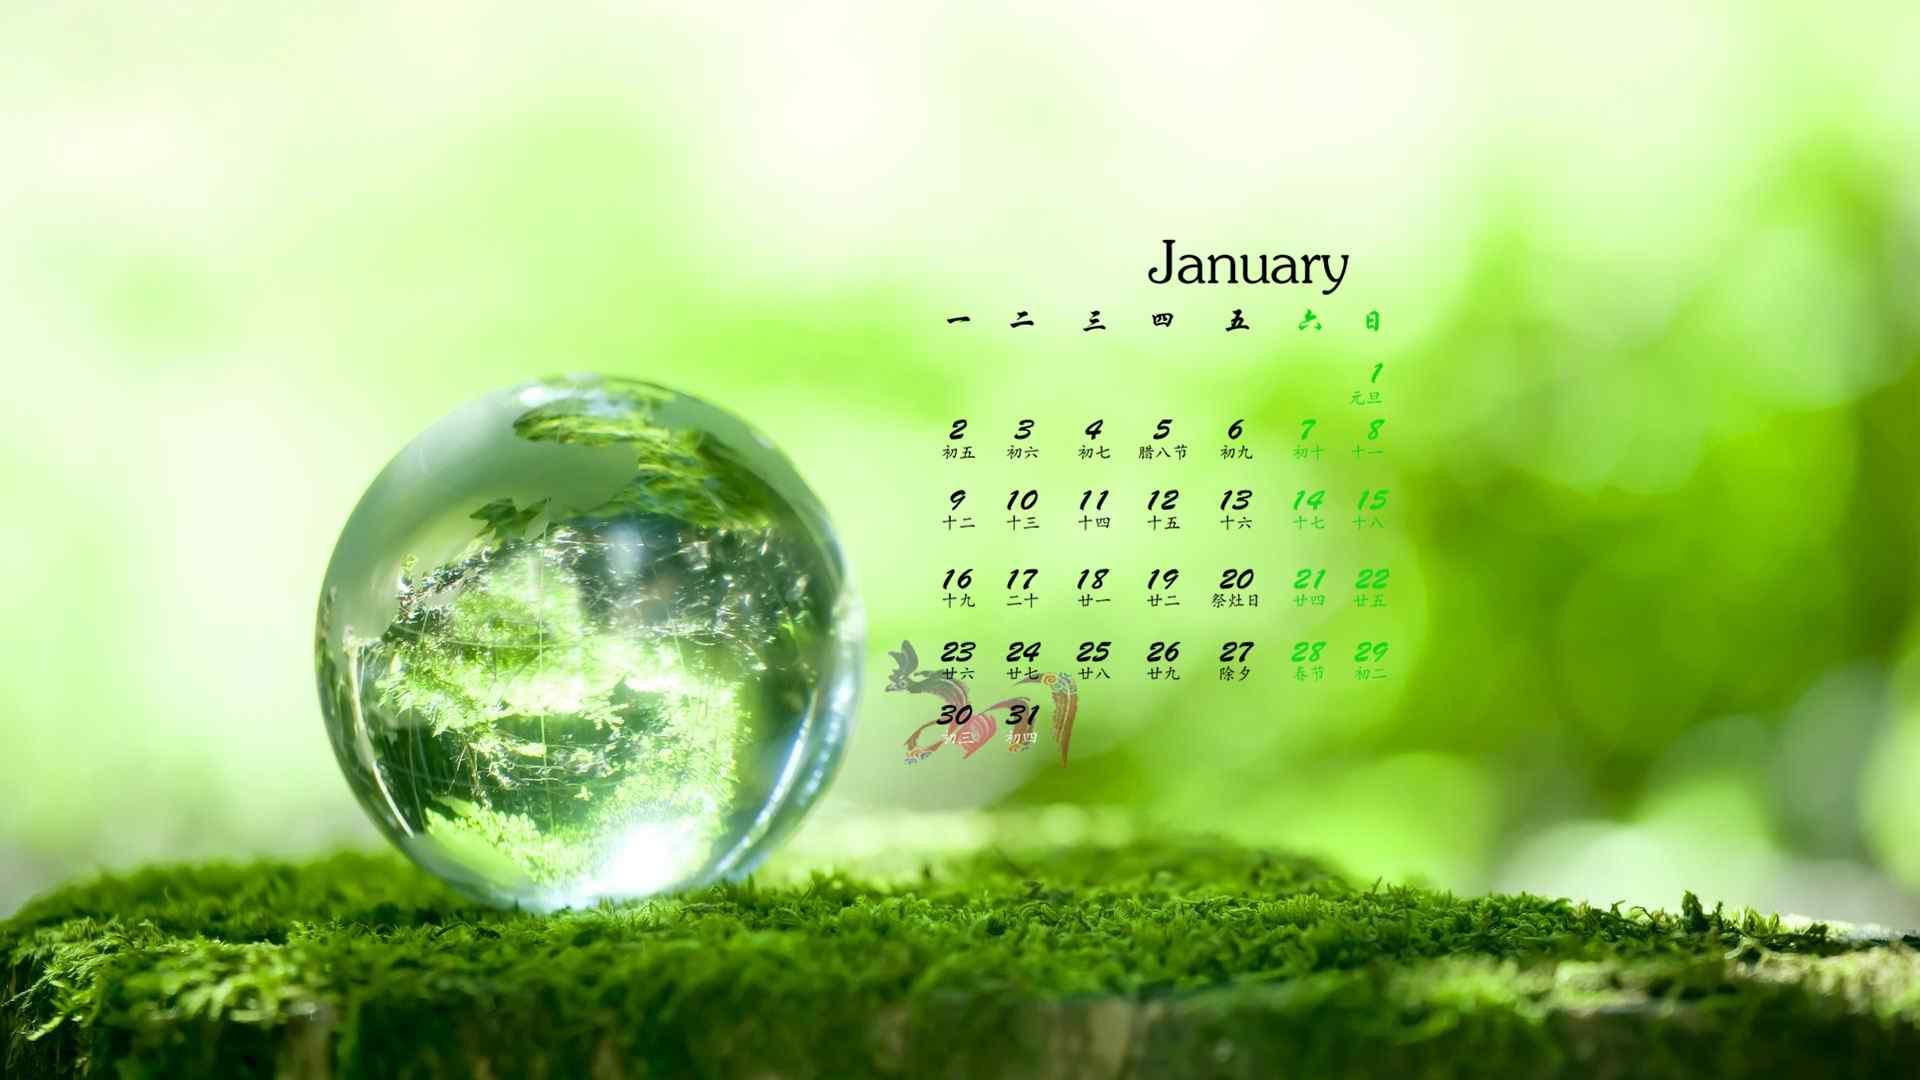 2017年1月日历小清新风景图片桌面壁纸图片